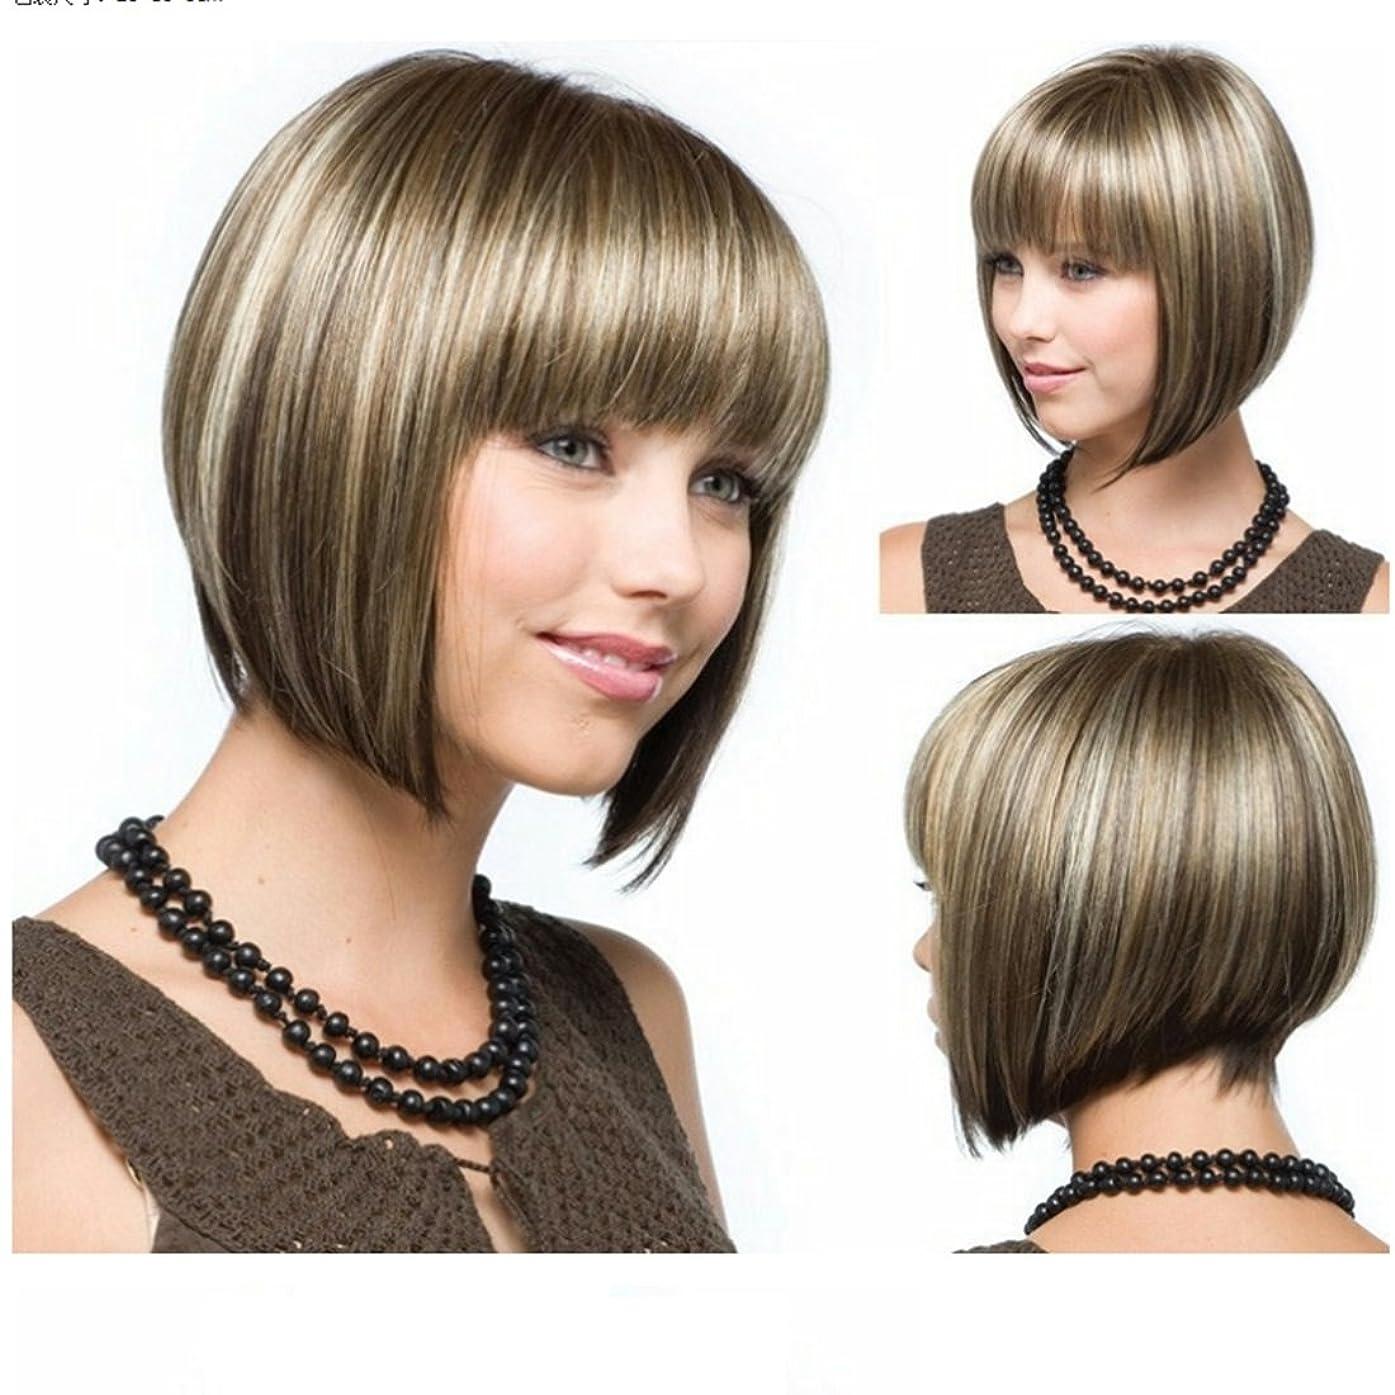 繁雑要旨地殻YESONEEP 30センチメートルボボオーバーヘッドかつら女性かつら短いストレートヘアフラットシューズかつらナチュラルカラー選択染めリネングレーかつらファッションかつら (Color : Linen ash)